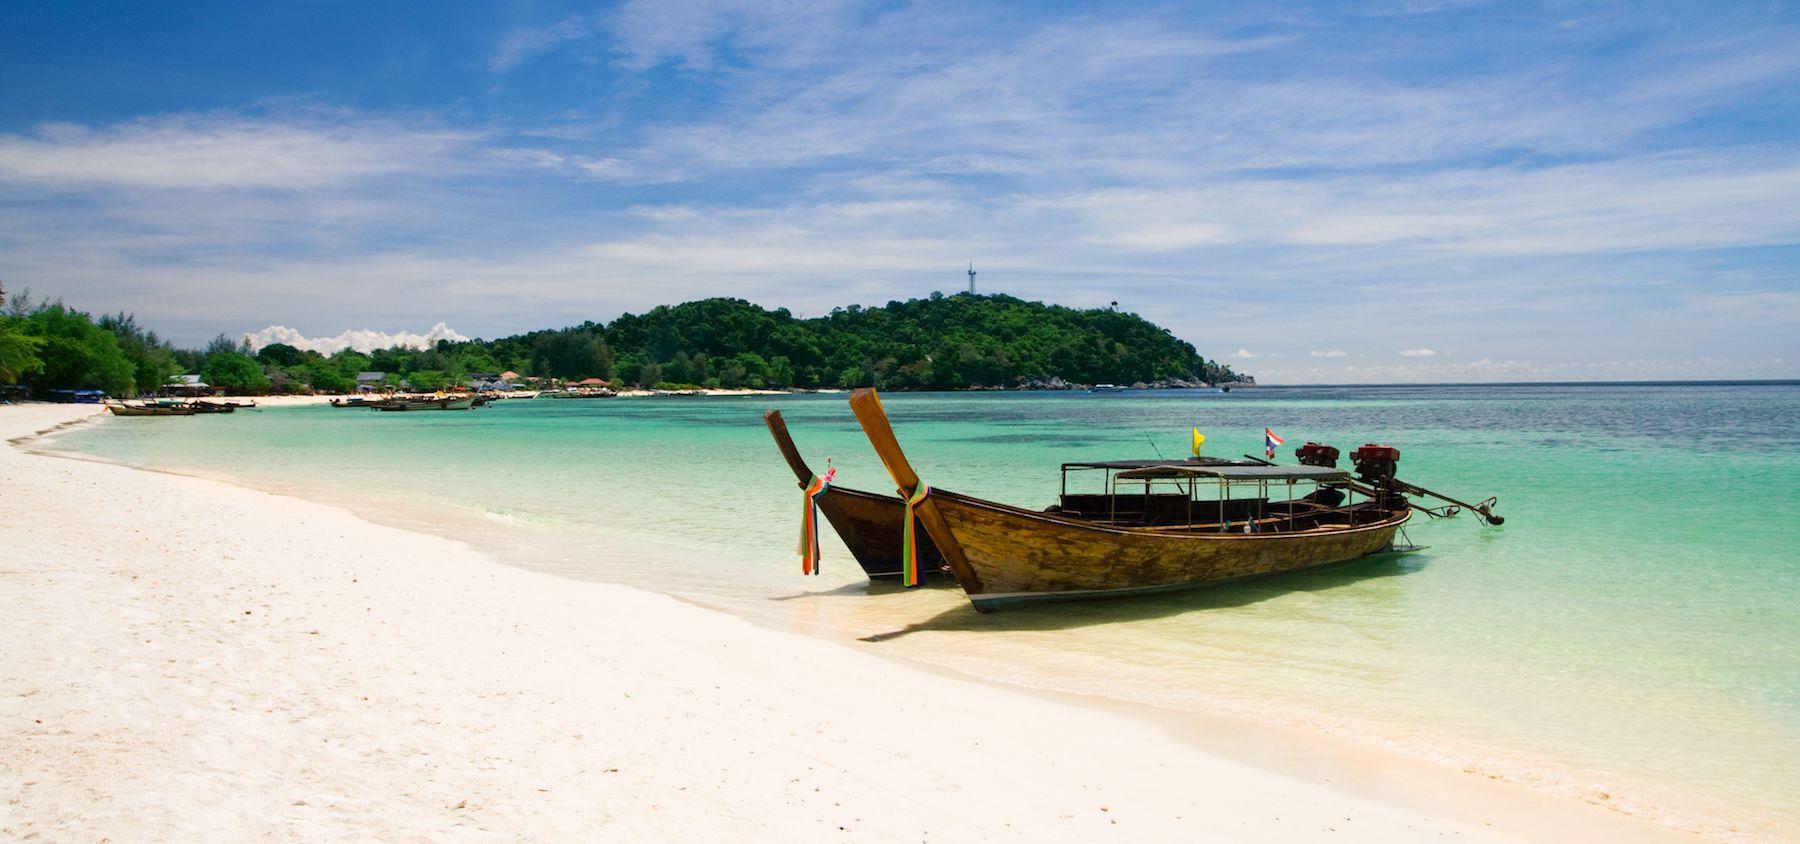 Spiaggia dell'isola di Koh Lipe in Thailandia